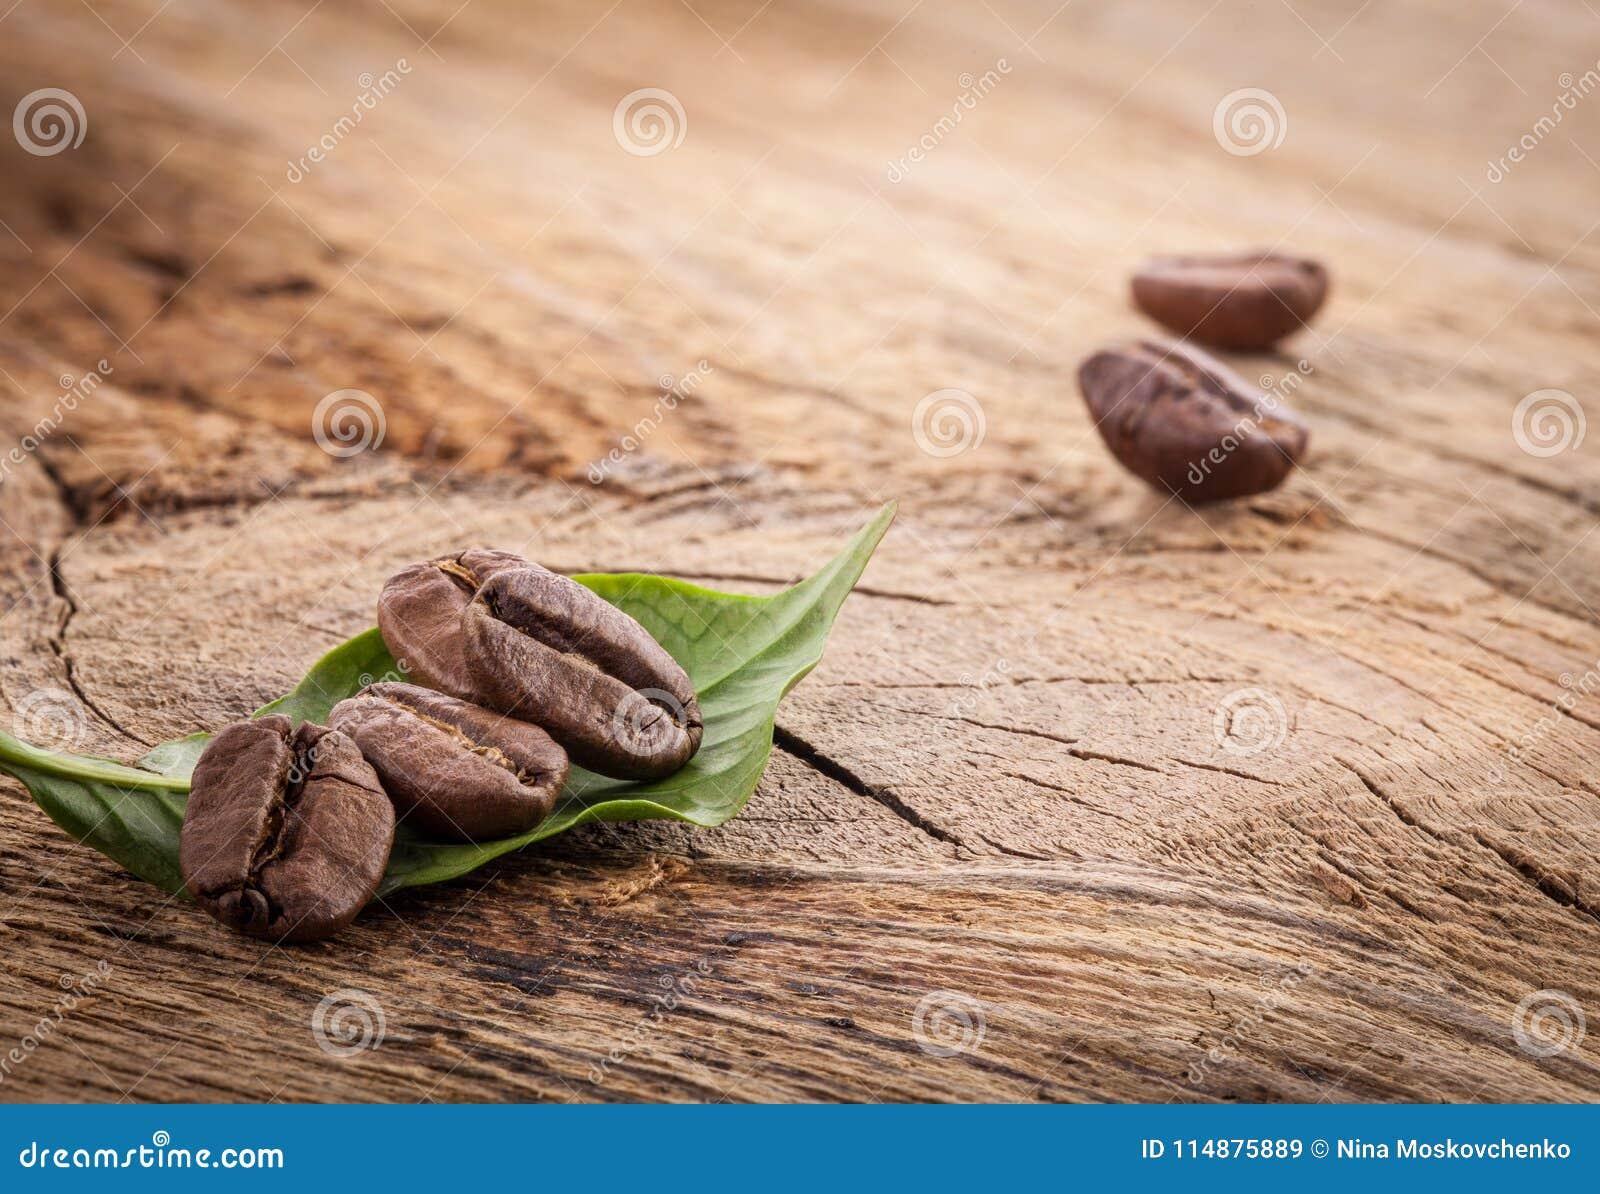 Kaffekorn och grönt blad på trägrunge